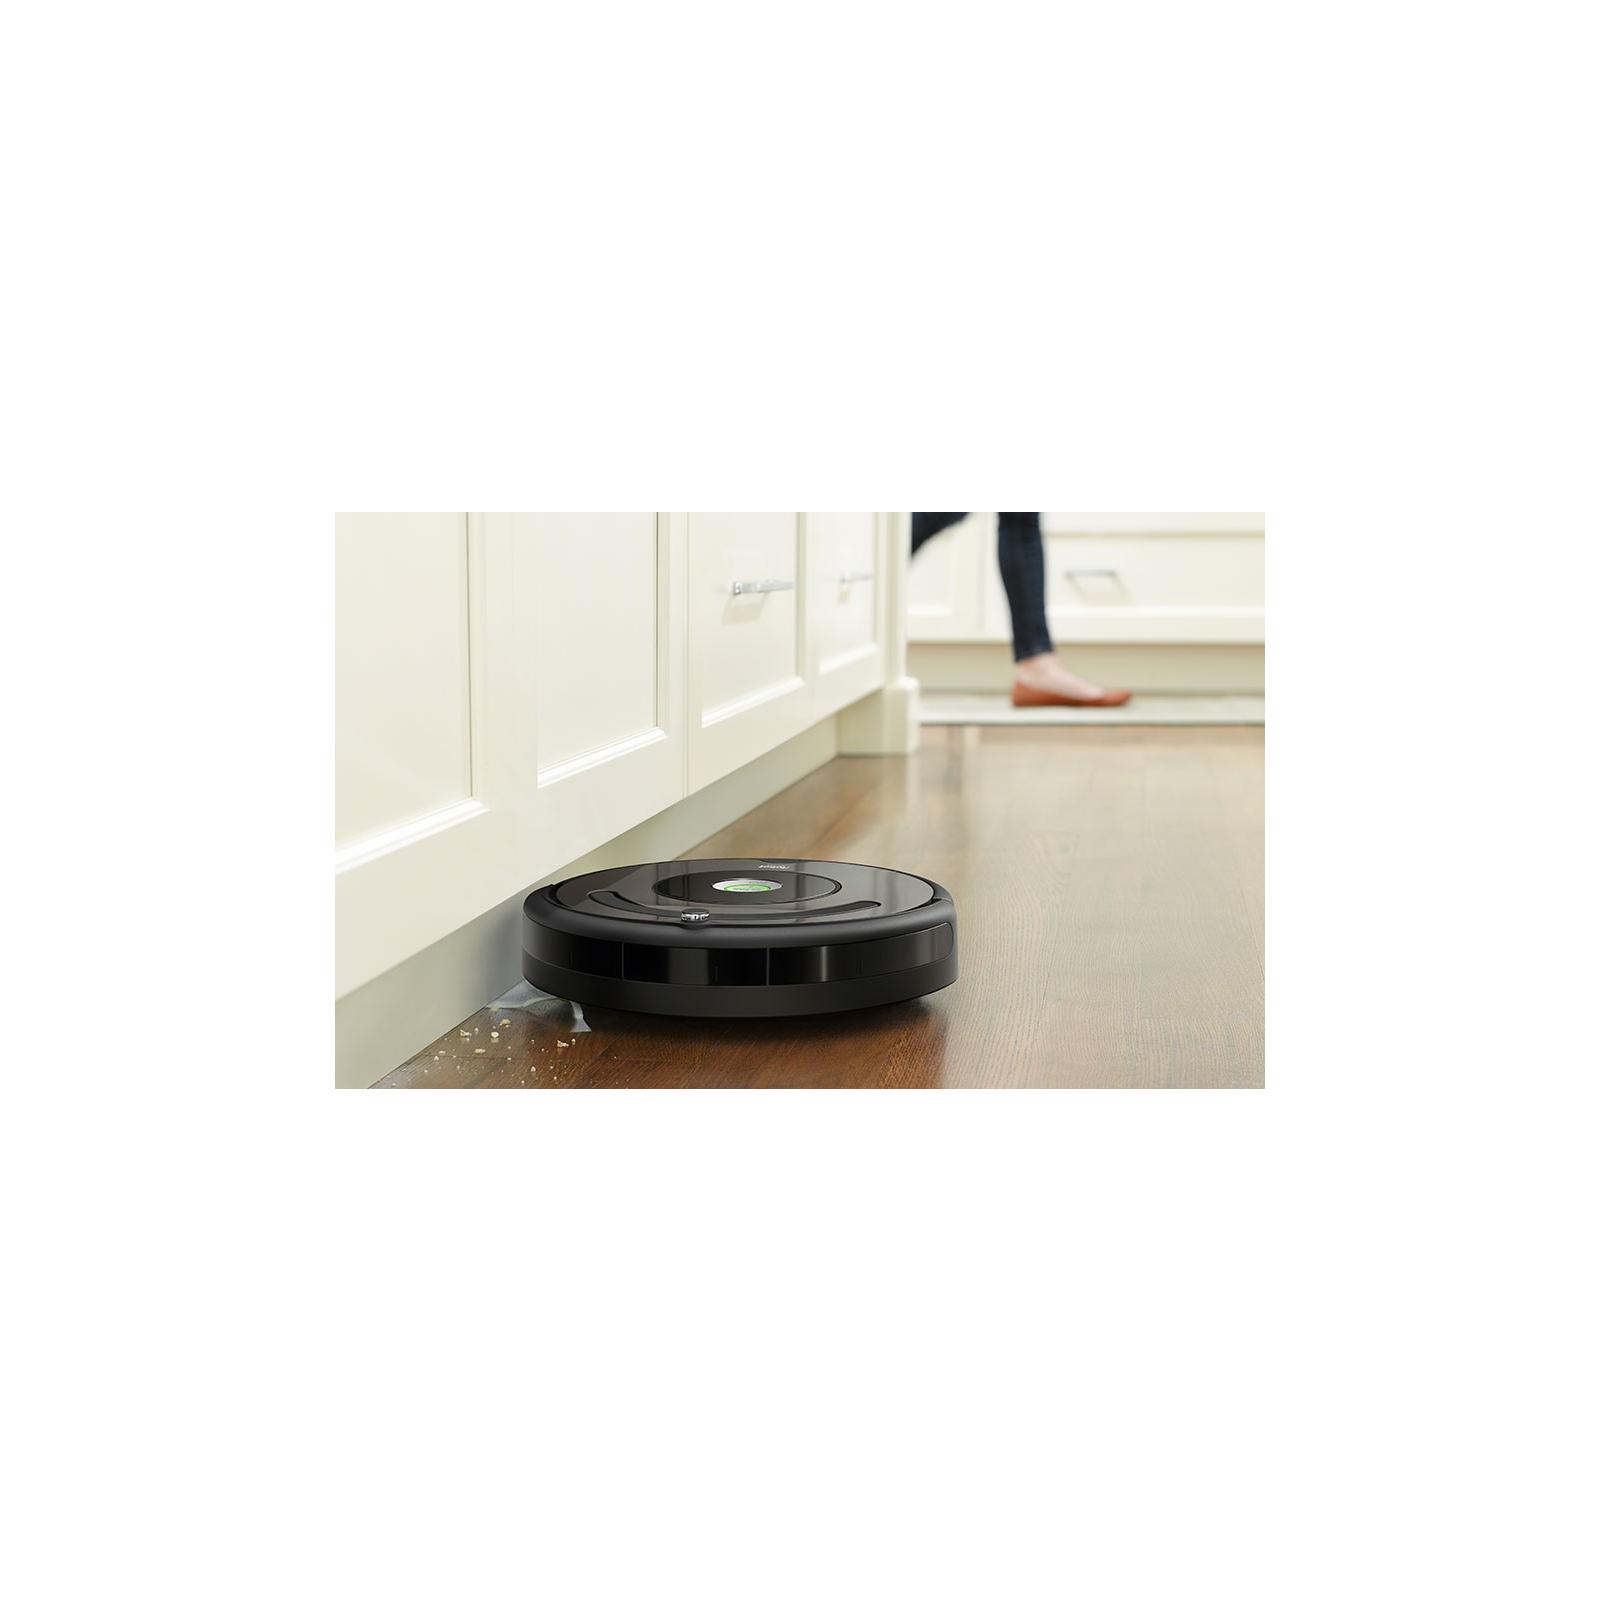 Пылесос iRobot Roomba 676 (R676040) изображение 9